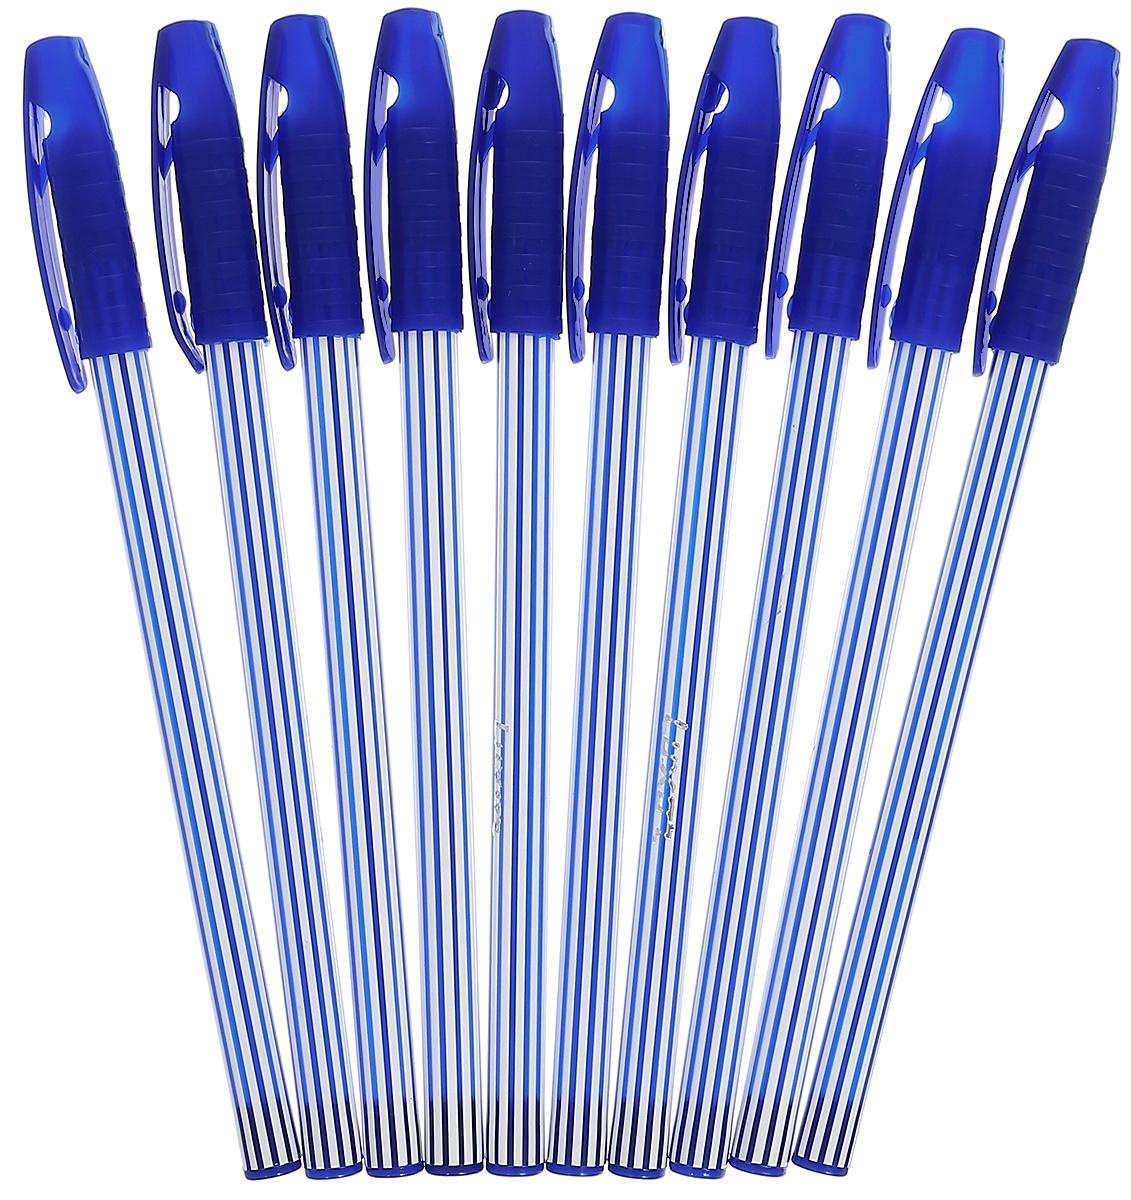 Luxor Набор шариковых ручек Stripes цвет чернил синий 10 шт31131/10СНабор шариковых ручек Luxor Stripes станет незаменимым атрибутом в учебе любого школьника и на работе.В наборе 10 шариковых ручек с колпачками, цвет чернил - синий.